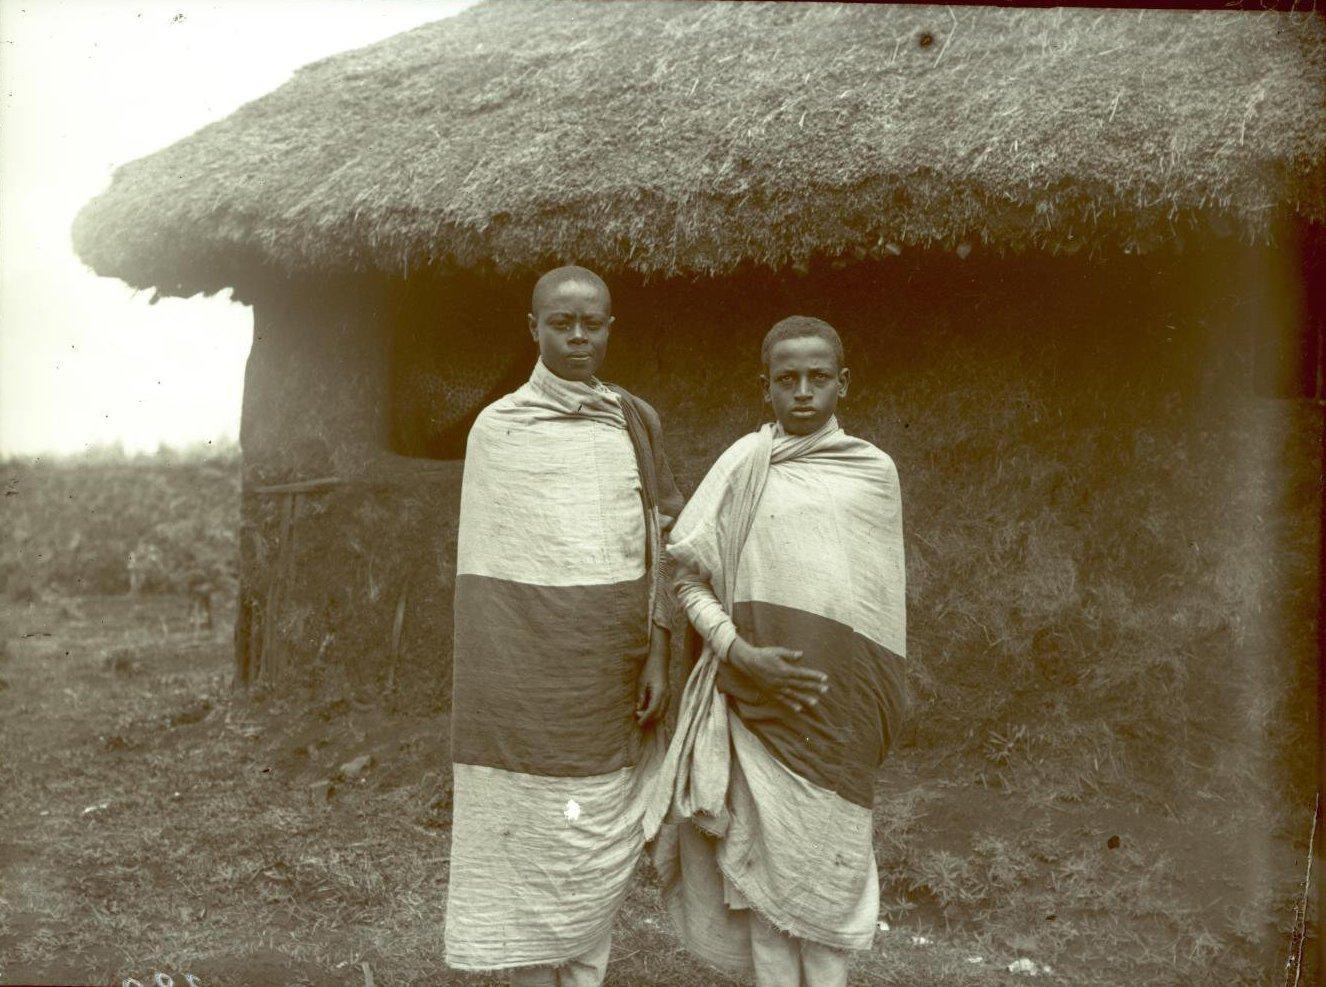 380. 1899. Абиссиния, Аддис-Абеба. Молодые люди Алюля и Гефасен